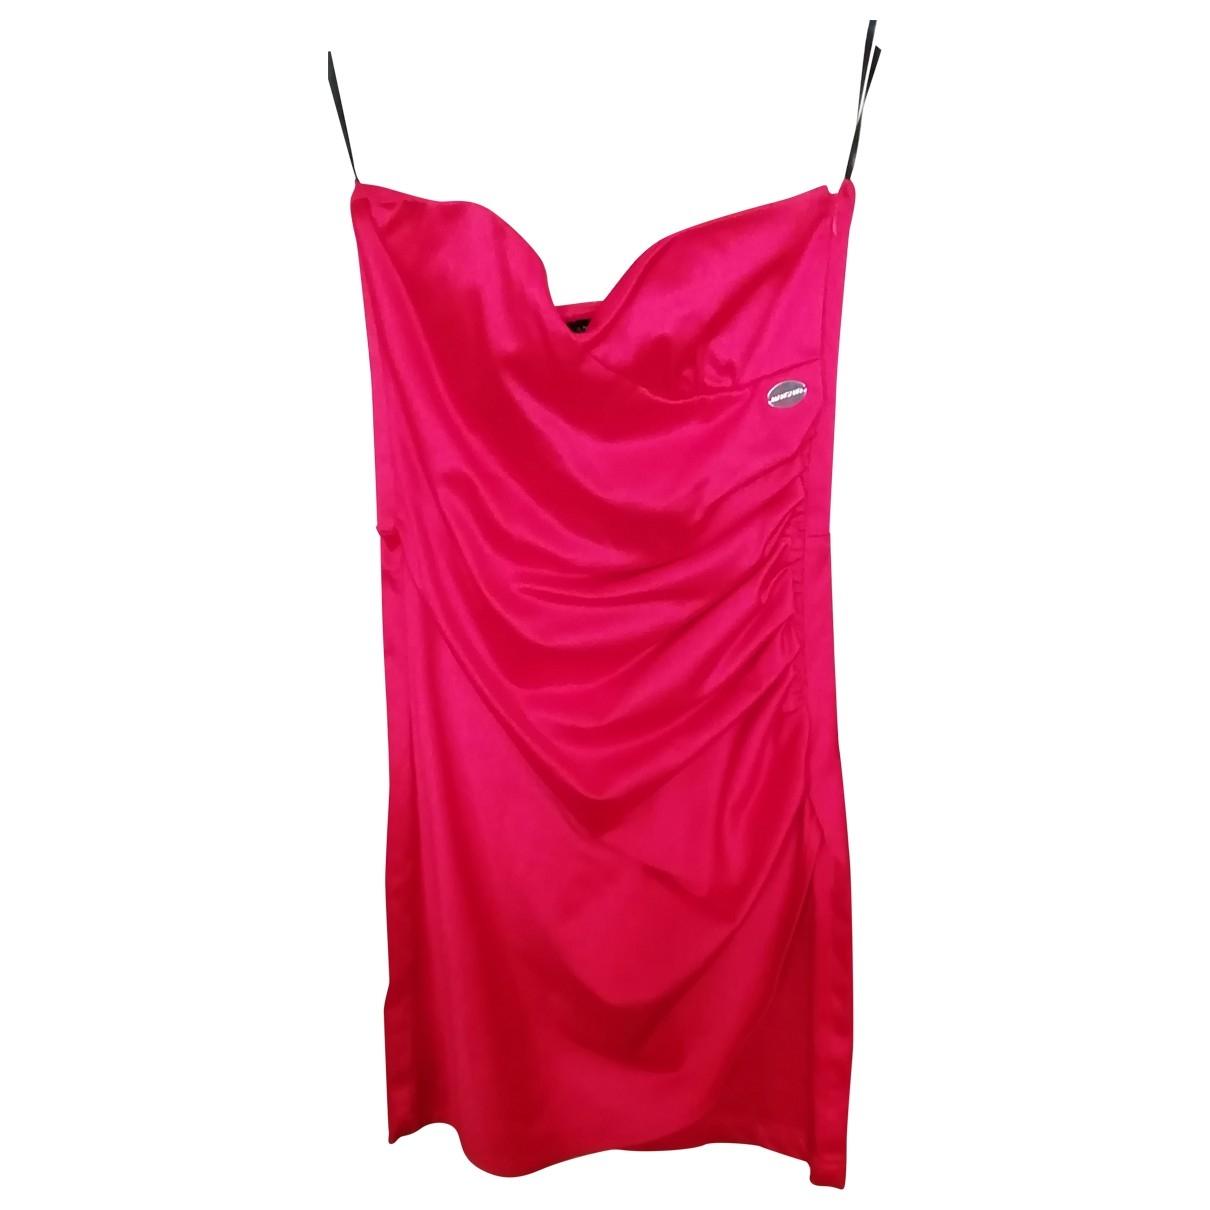 Mangano \N Kleid in  Rot Baumwolle - Elasthan